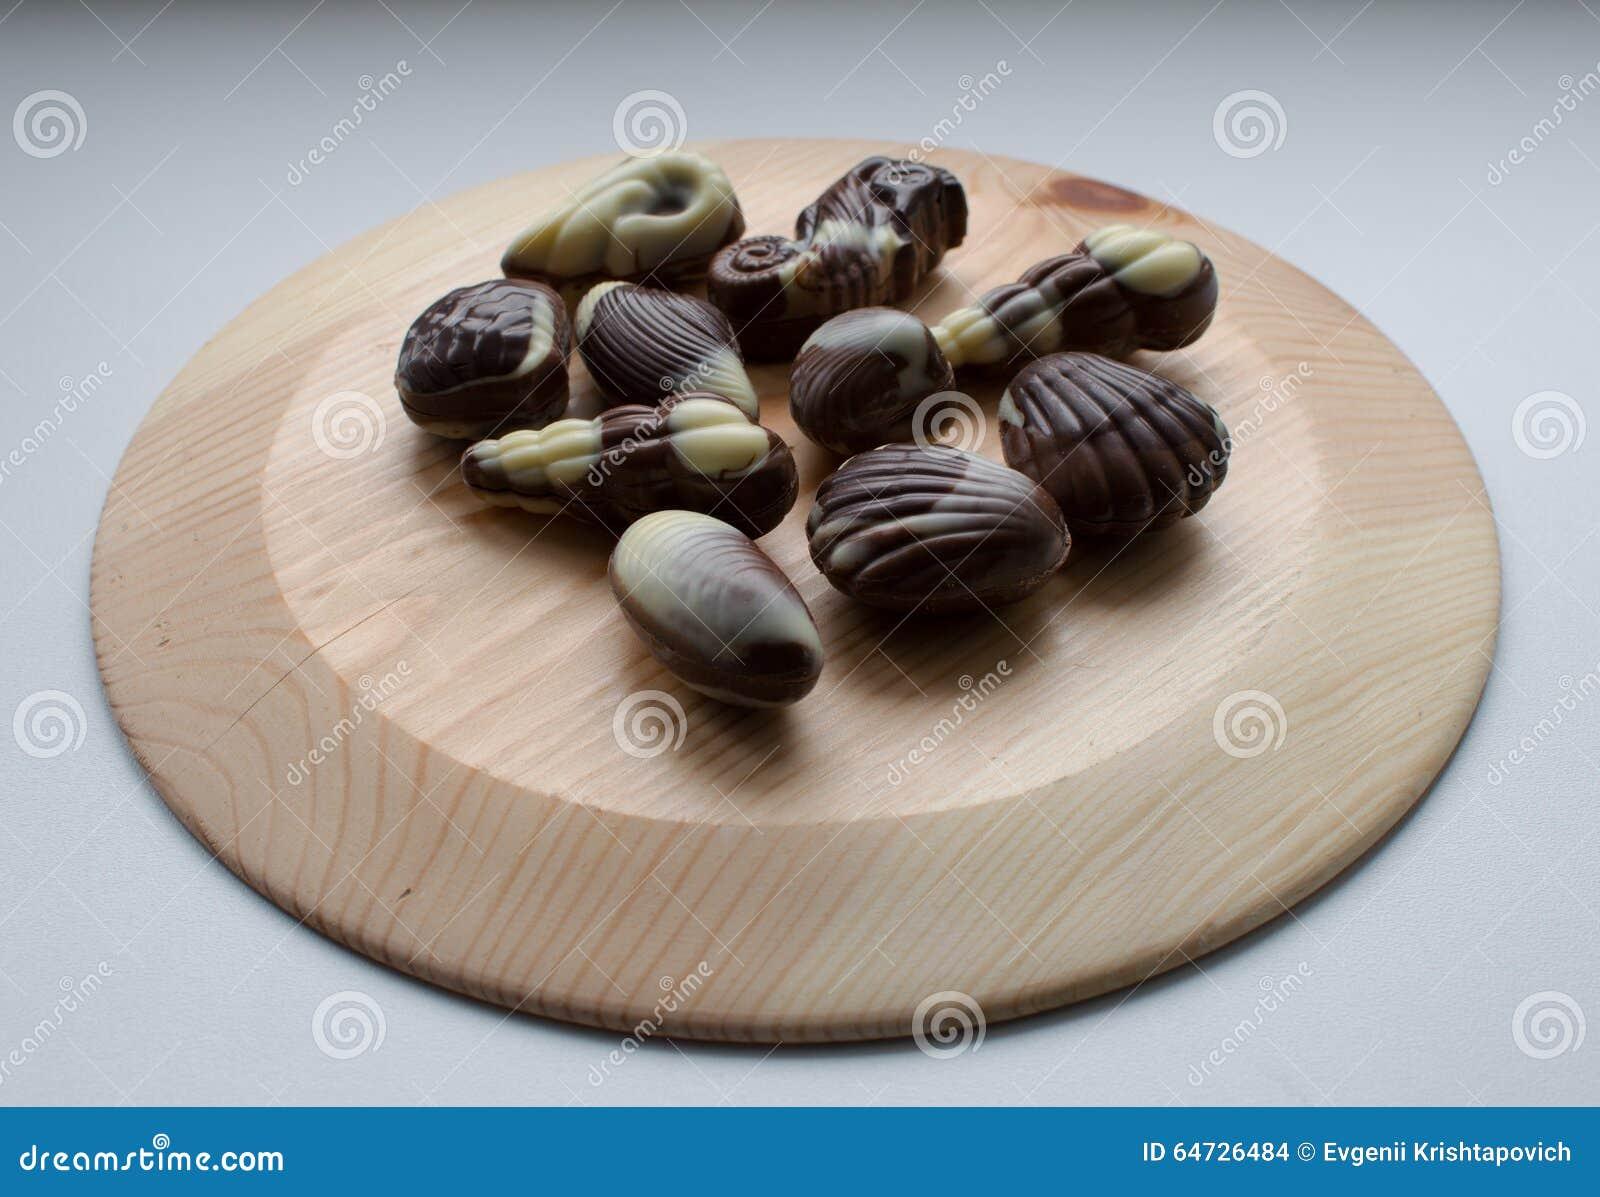 Caramelle di cioccolato sul piatto di legno